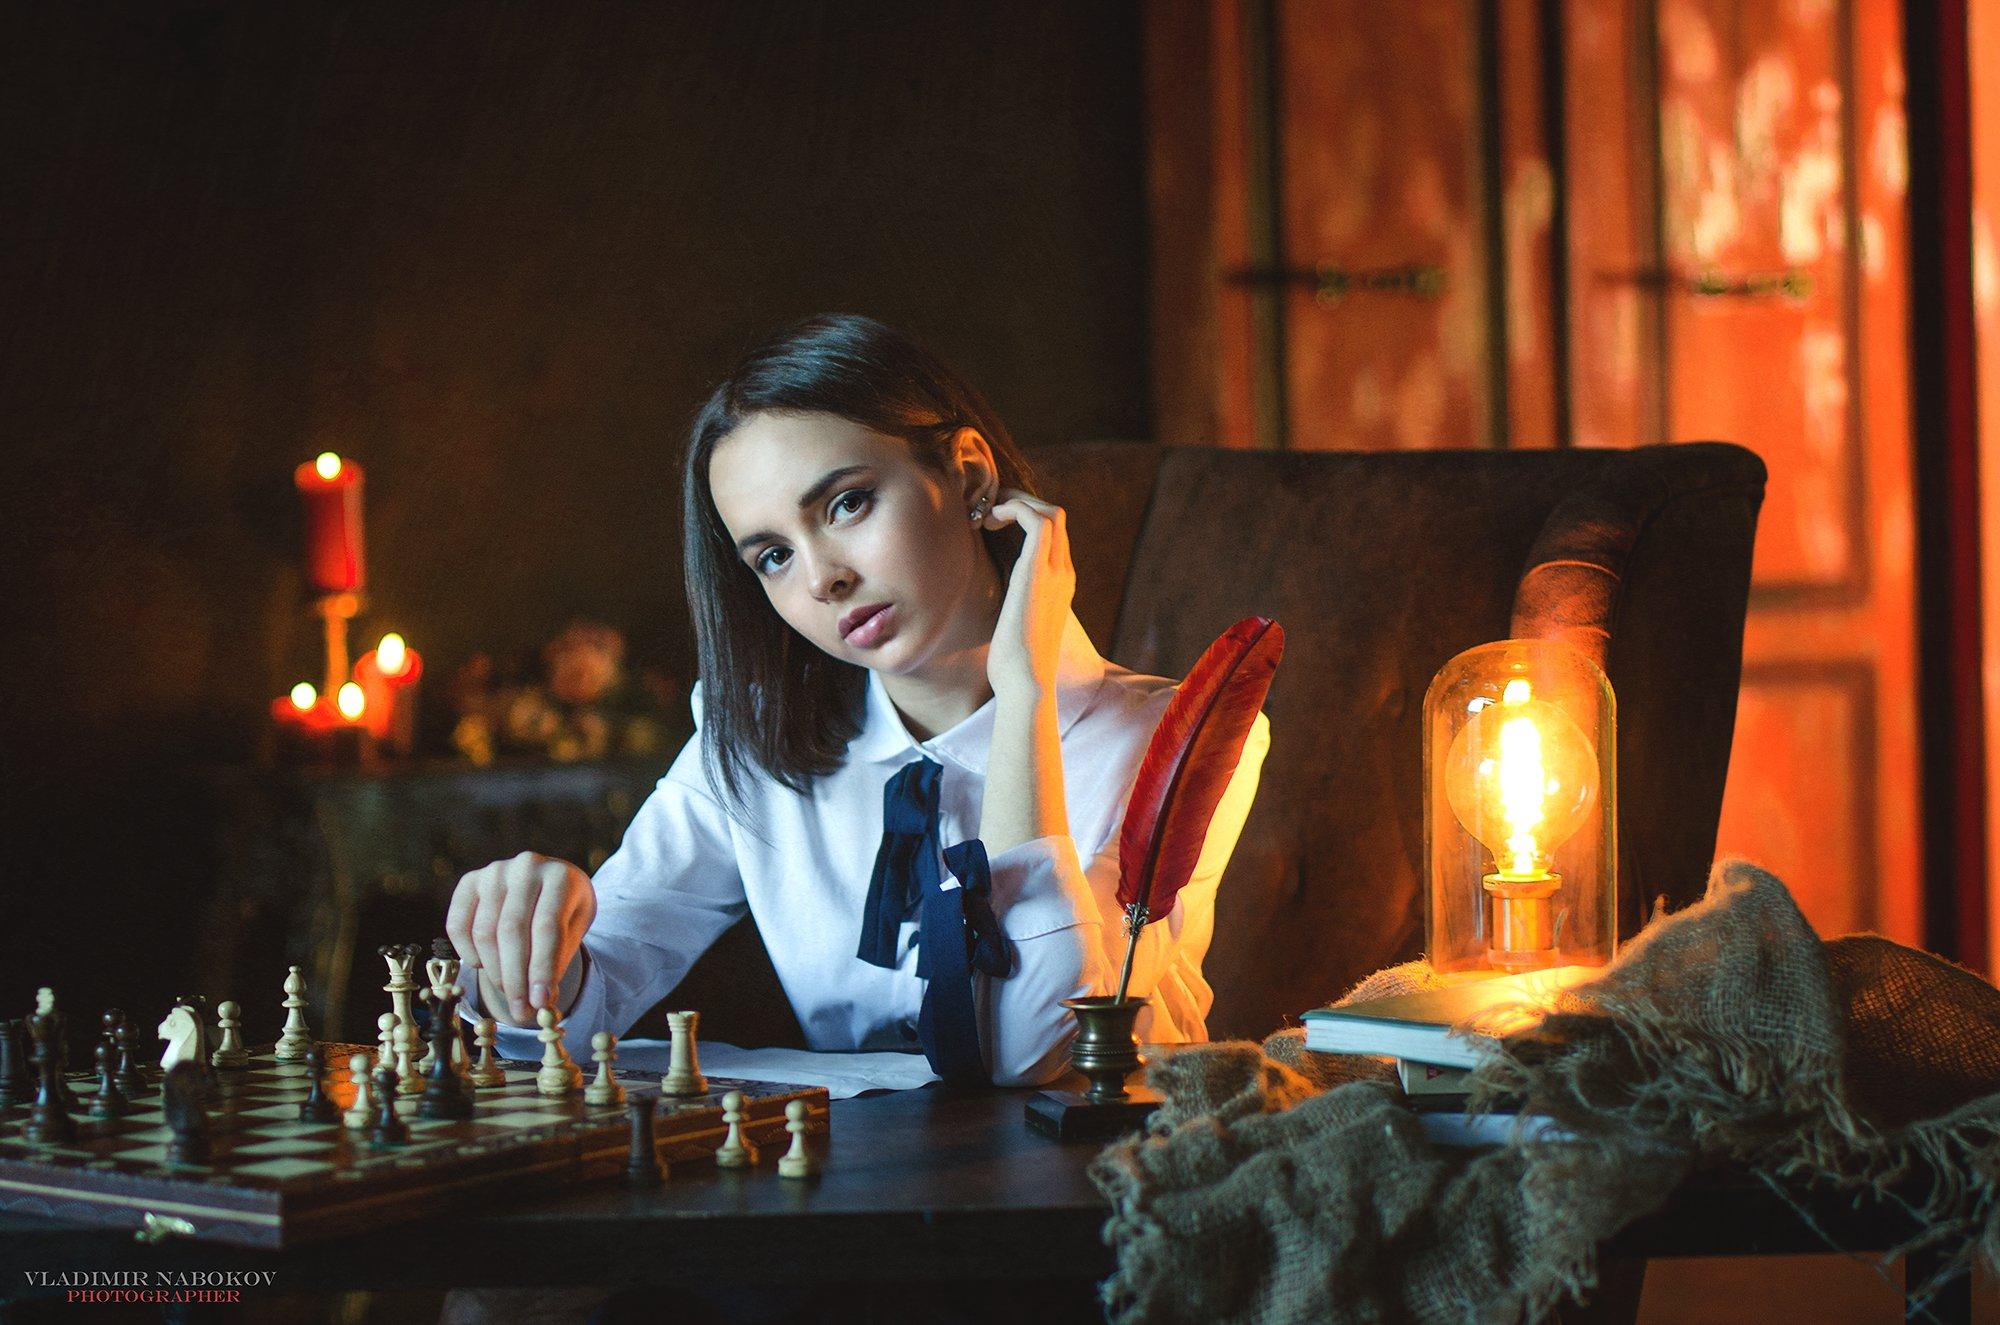 шахматы модель постановка вечер , Владимир